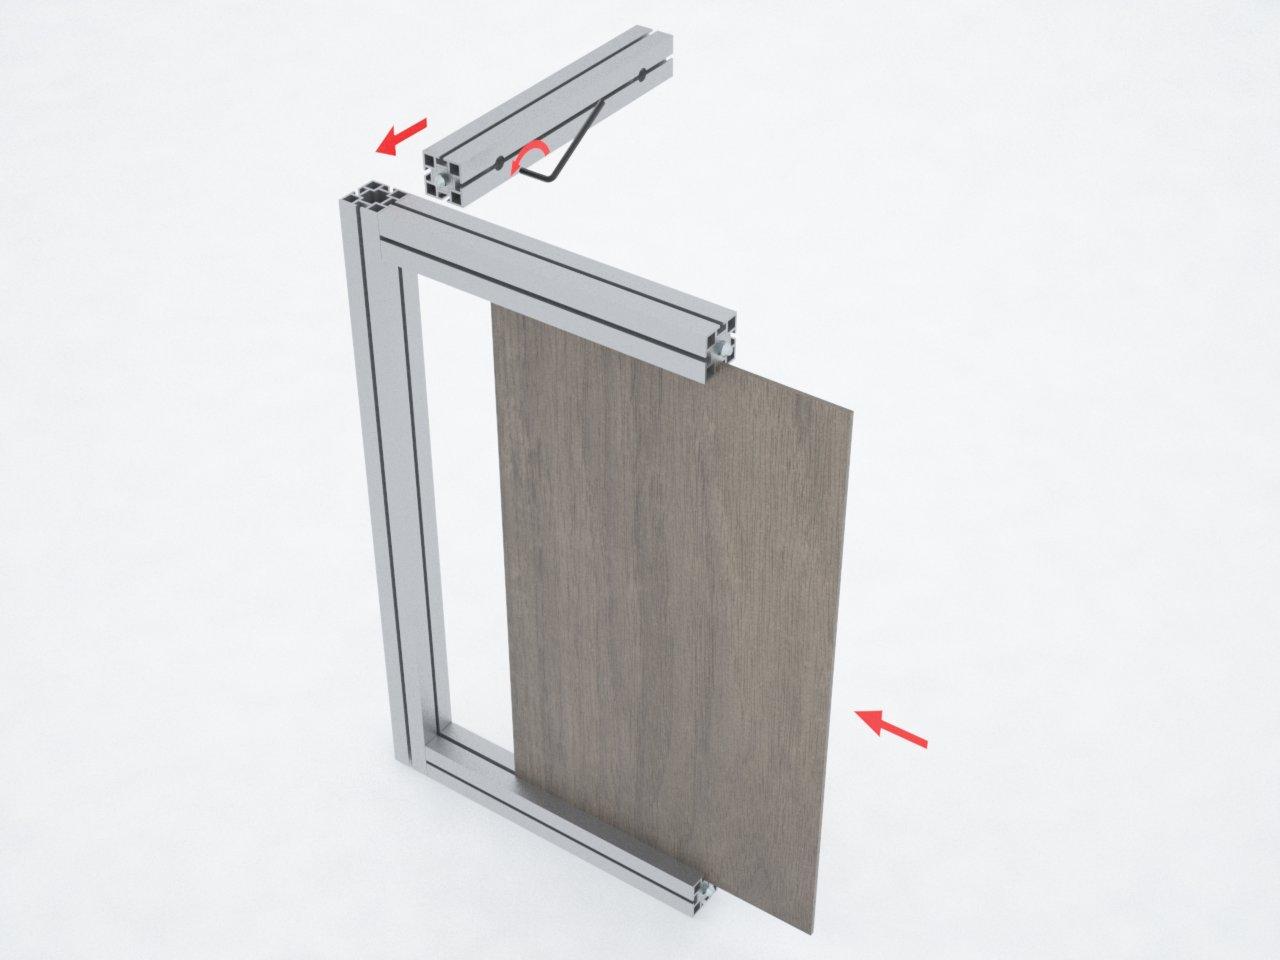 Detalhe do perfil de alumínio quadrado de 40mm para montagem de estruturas